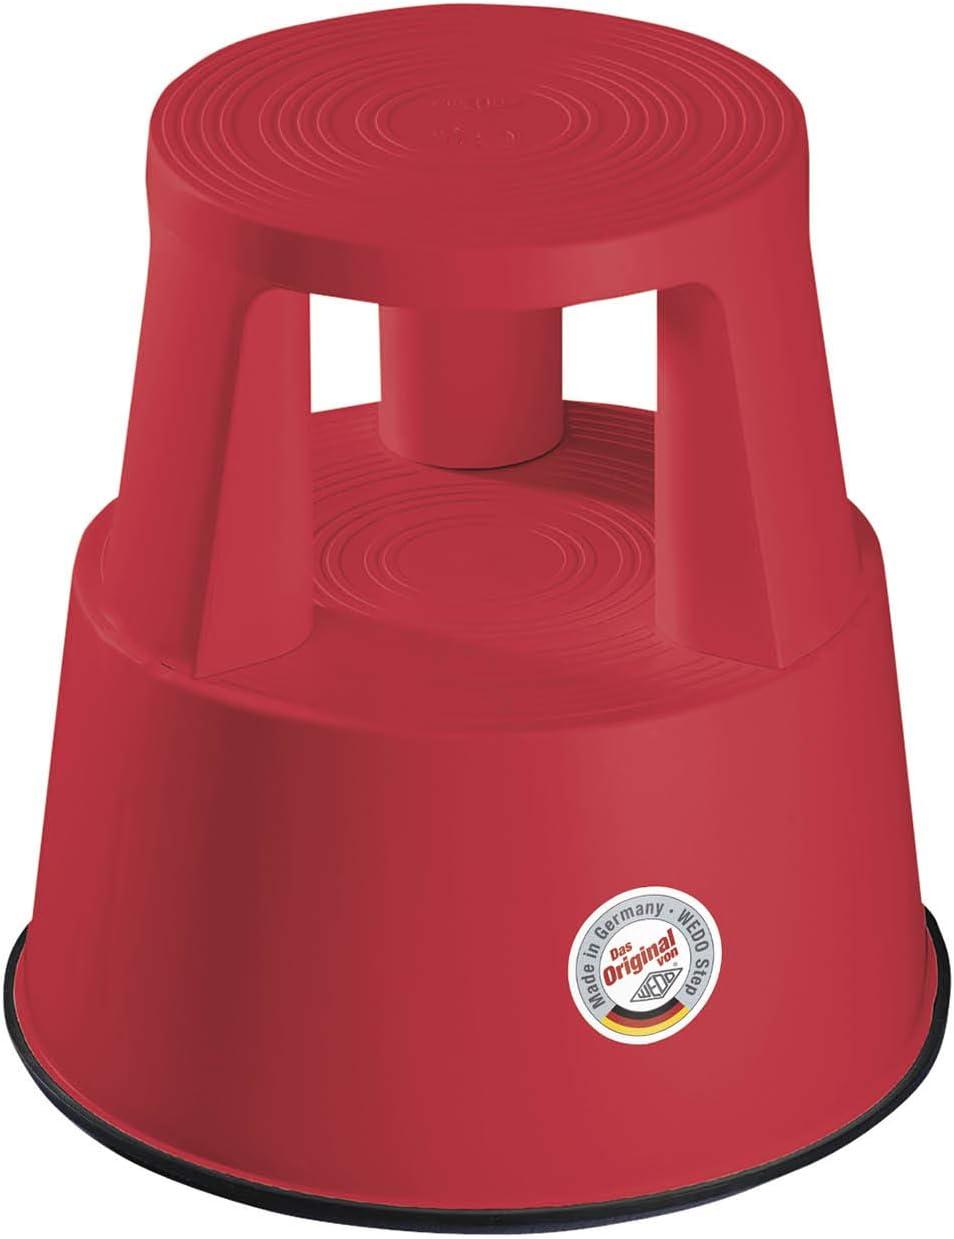 WEDO Step Tabouret /à roulettes en Plastique Rouge Fraise 44 cm